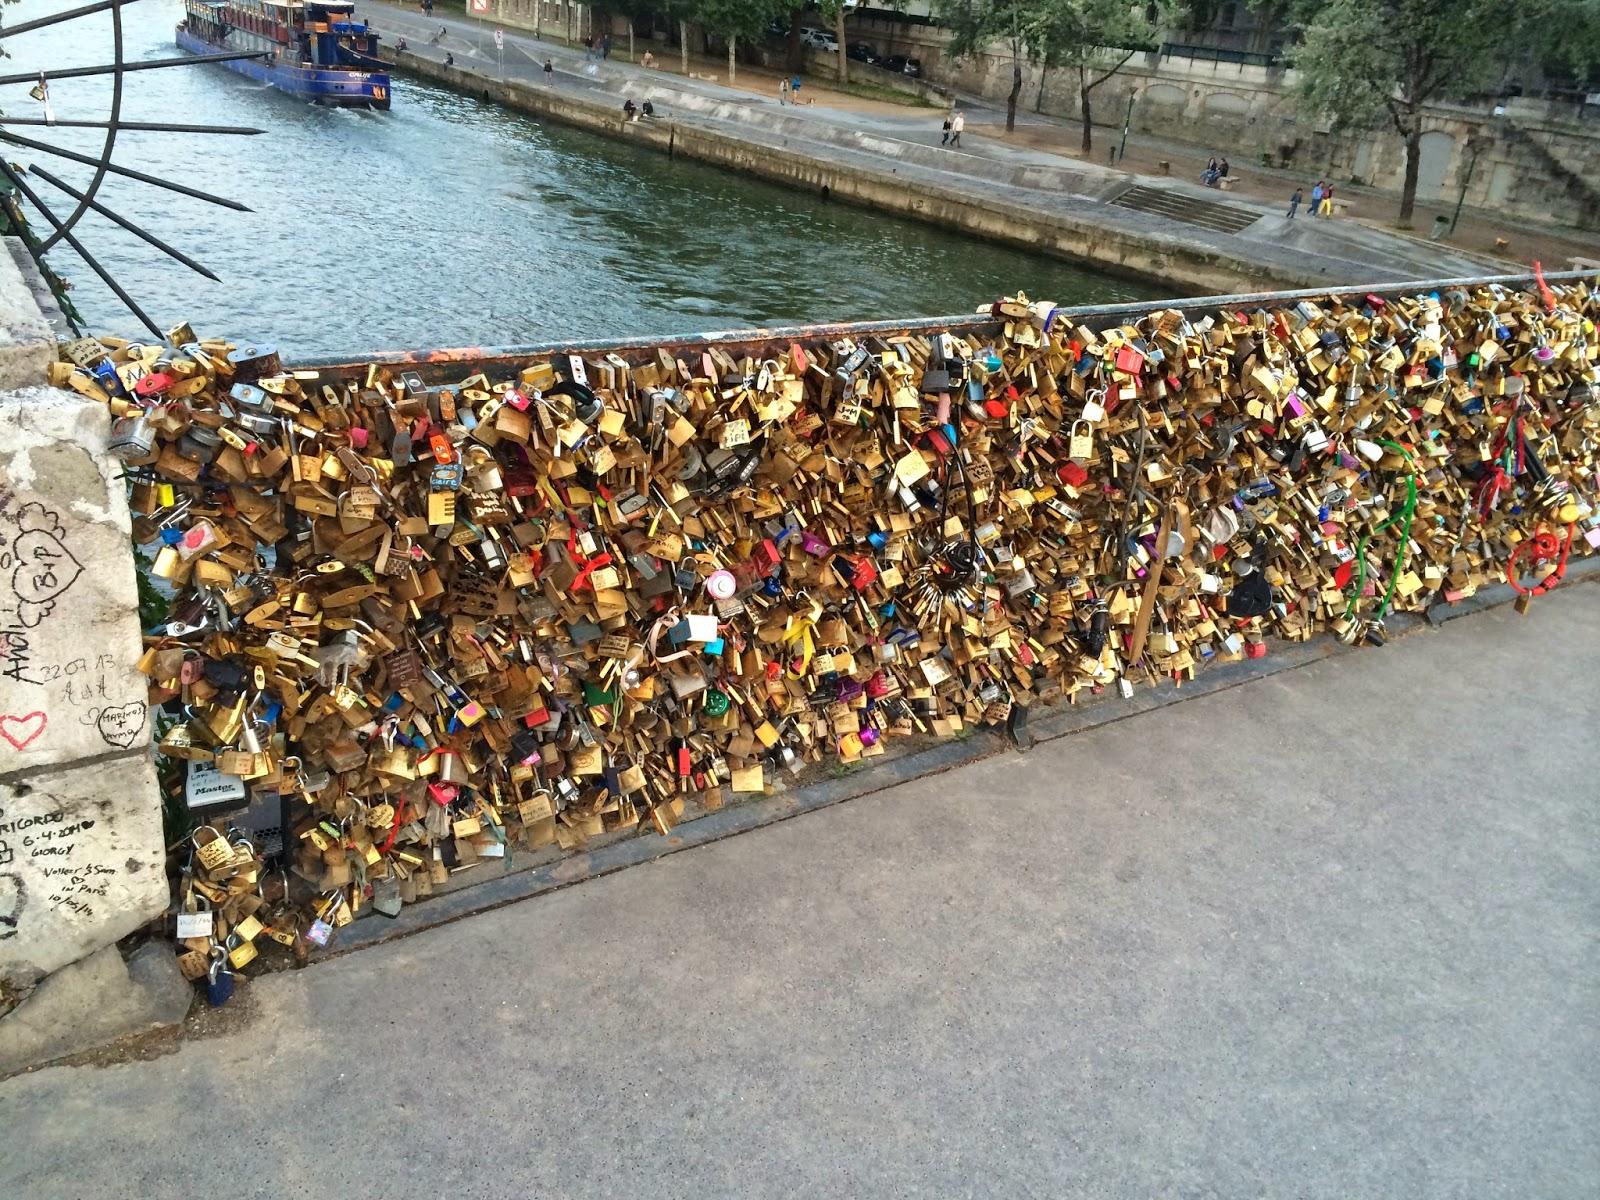 Paris v lo les cadenas d 39 amour du pont de l 39 archev ch - Le pont de lamour a paris ...